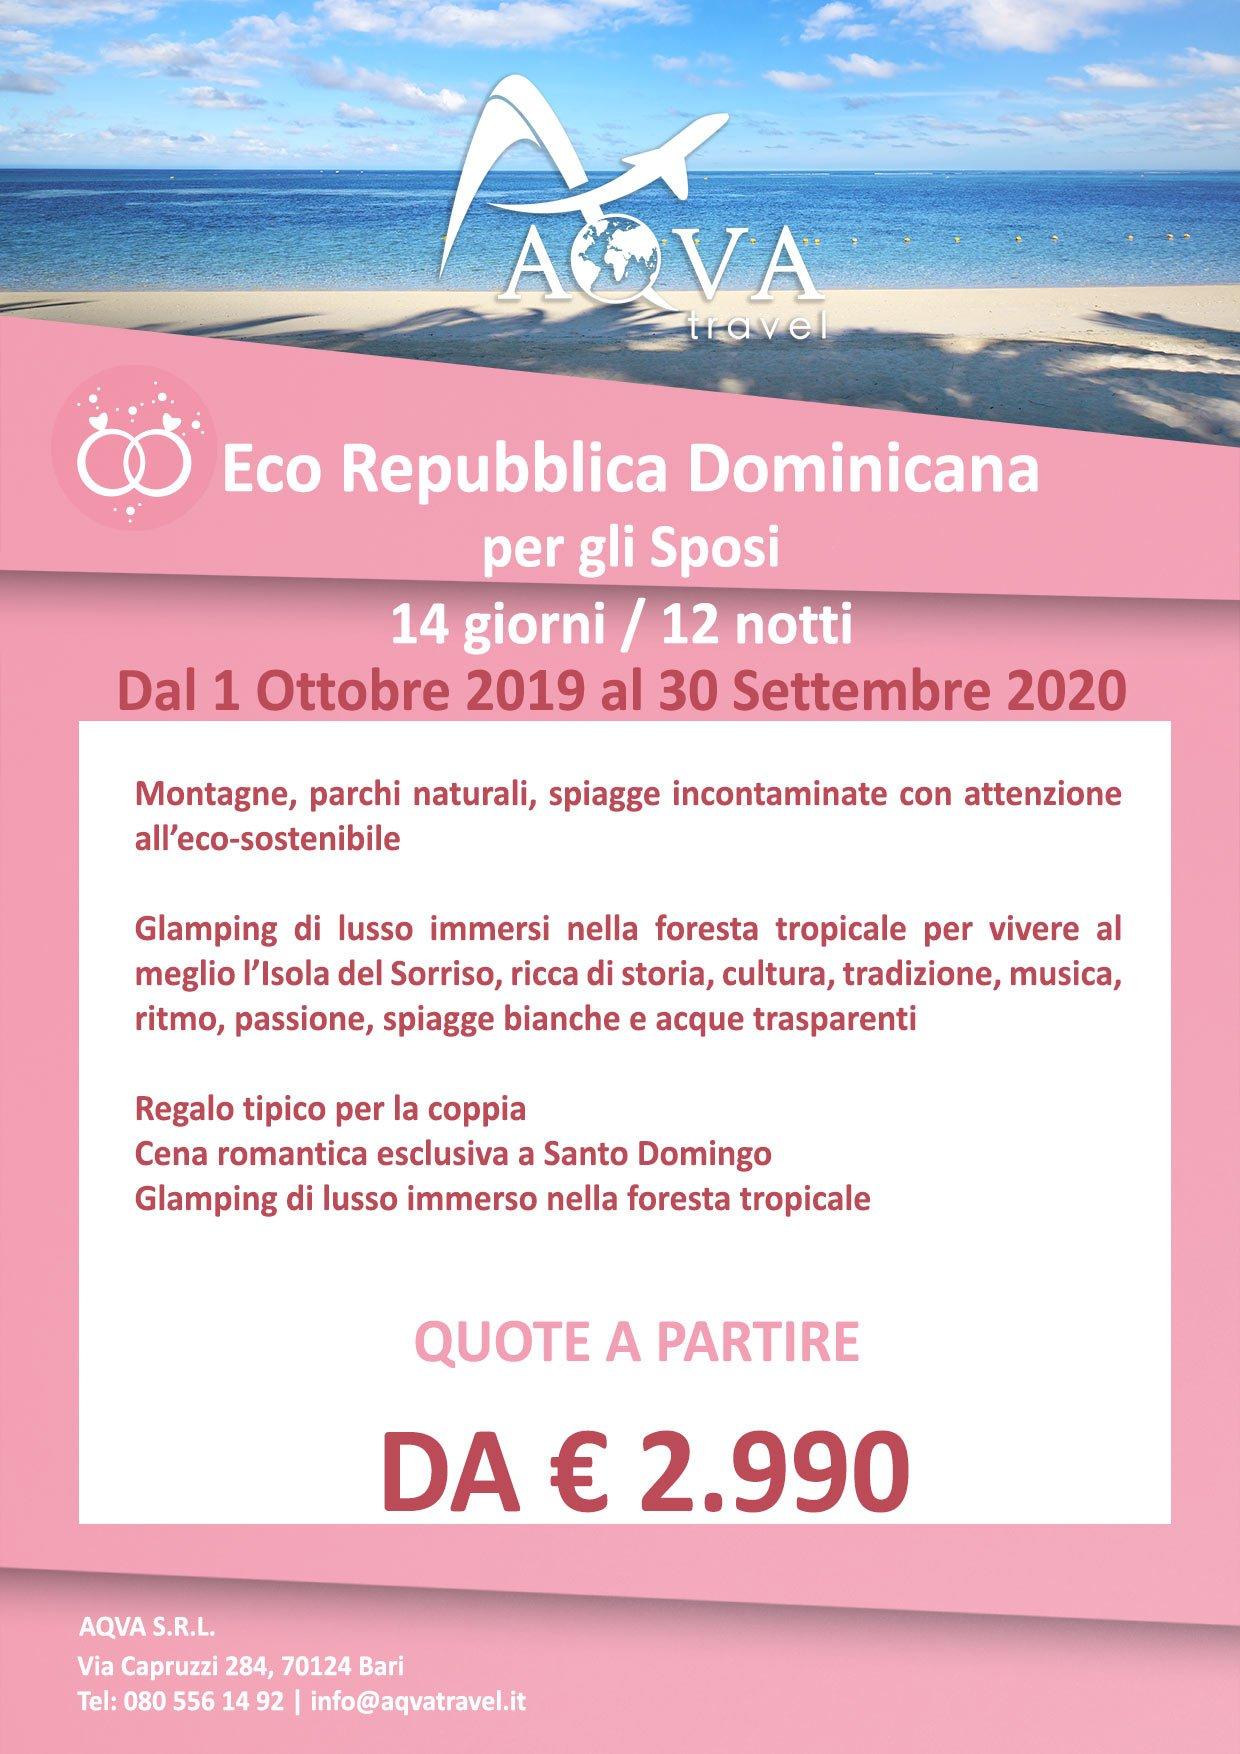 Repubblica-Dominicana-per-gli-Sposi-14-giorni-12-notti-VIAGGI-Honeymoon-offerte-agenzia-di-viaggi-Bari-AQVATRAVEL-it